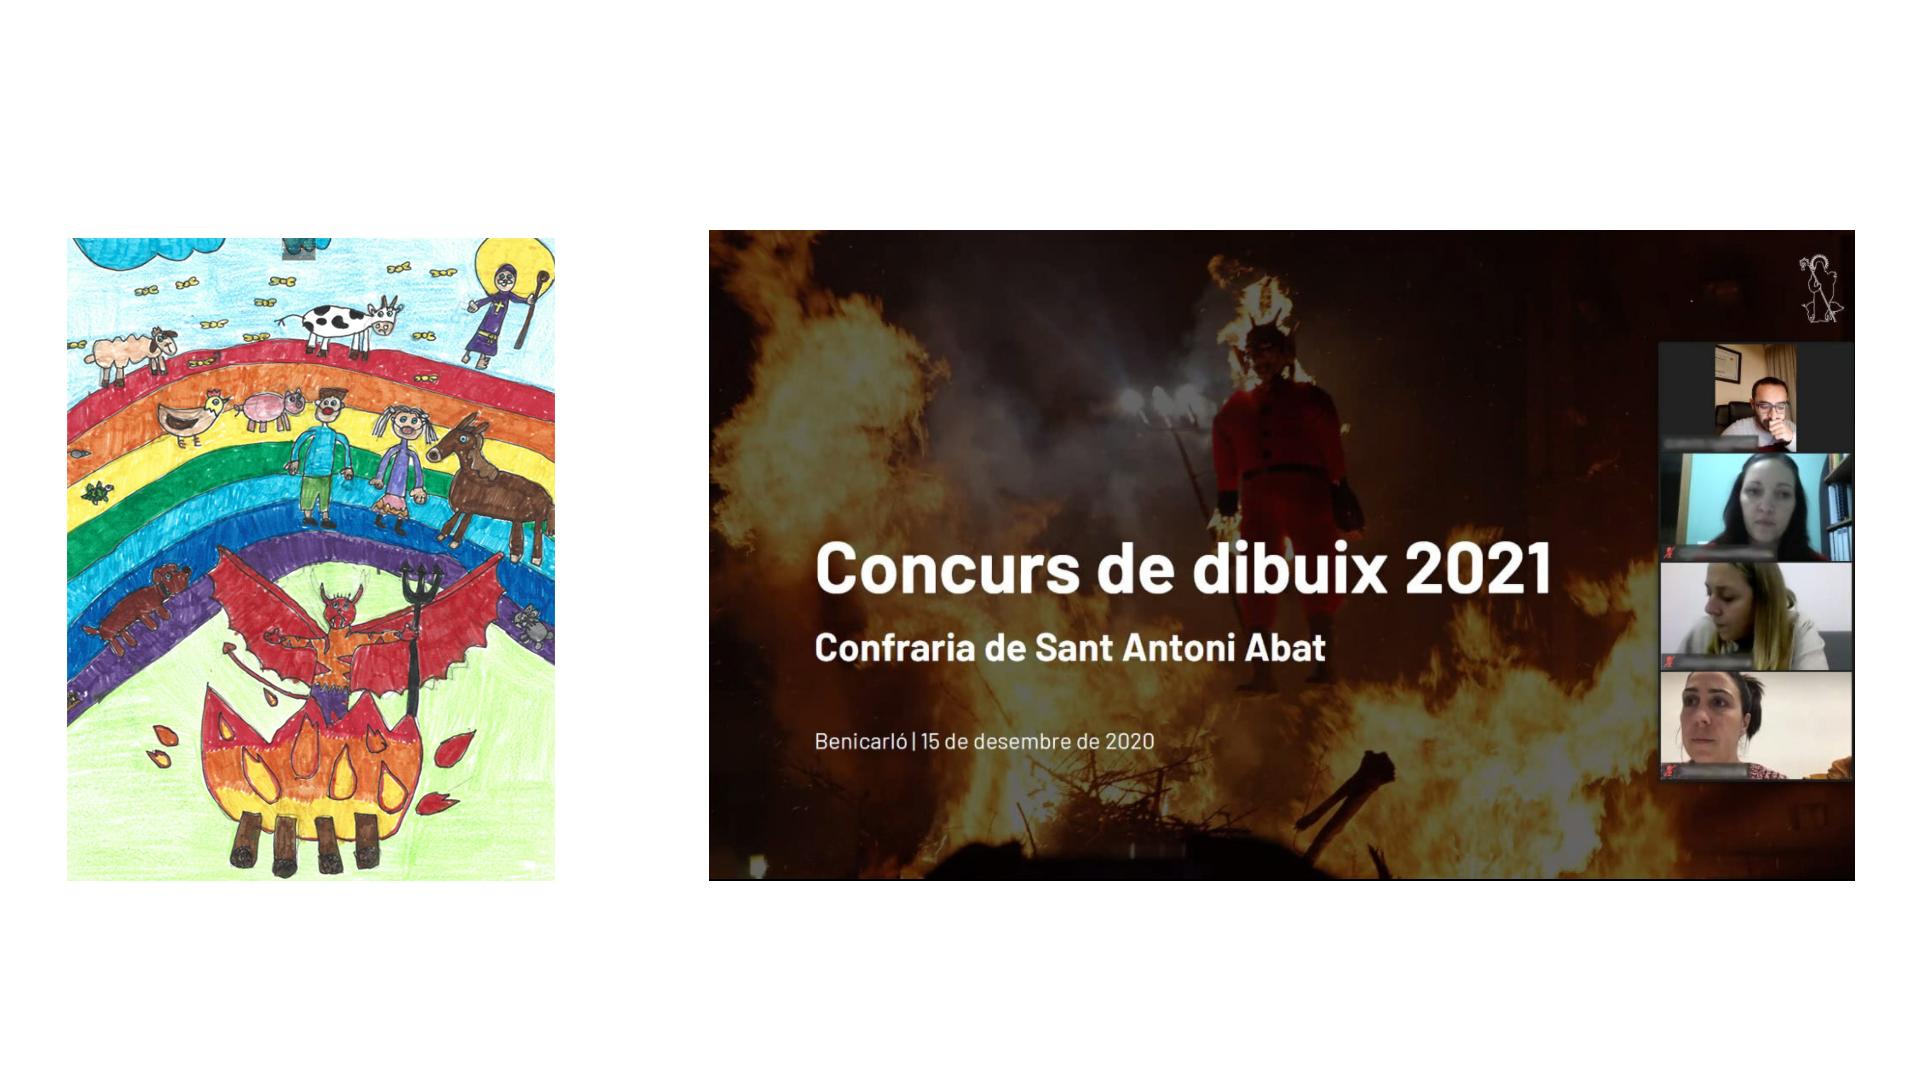 La Confraria de Sant Antoni de Benicarló dona a conèixer els guanyadors del Concurs de Dibuixos